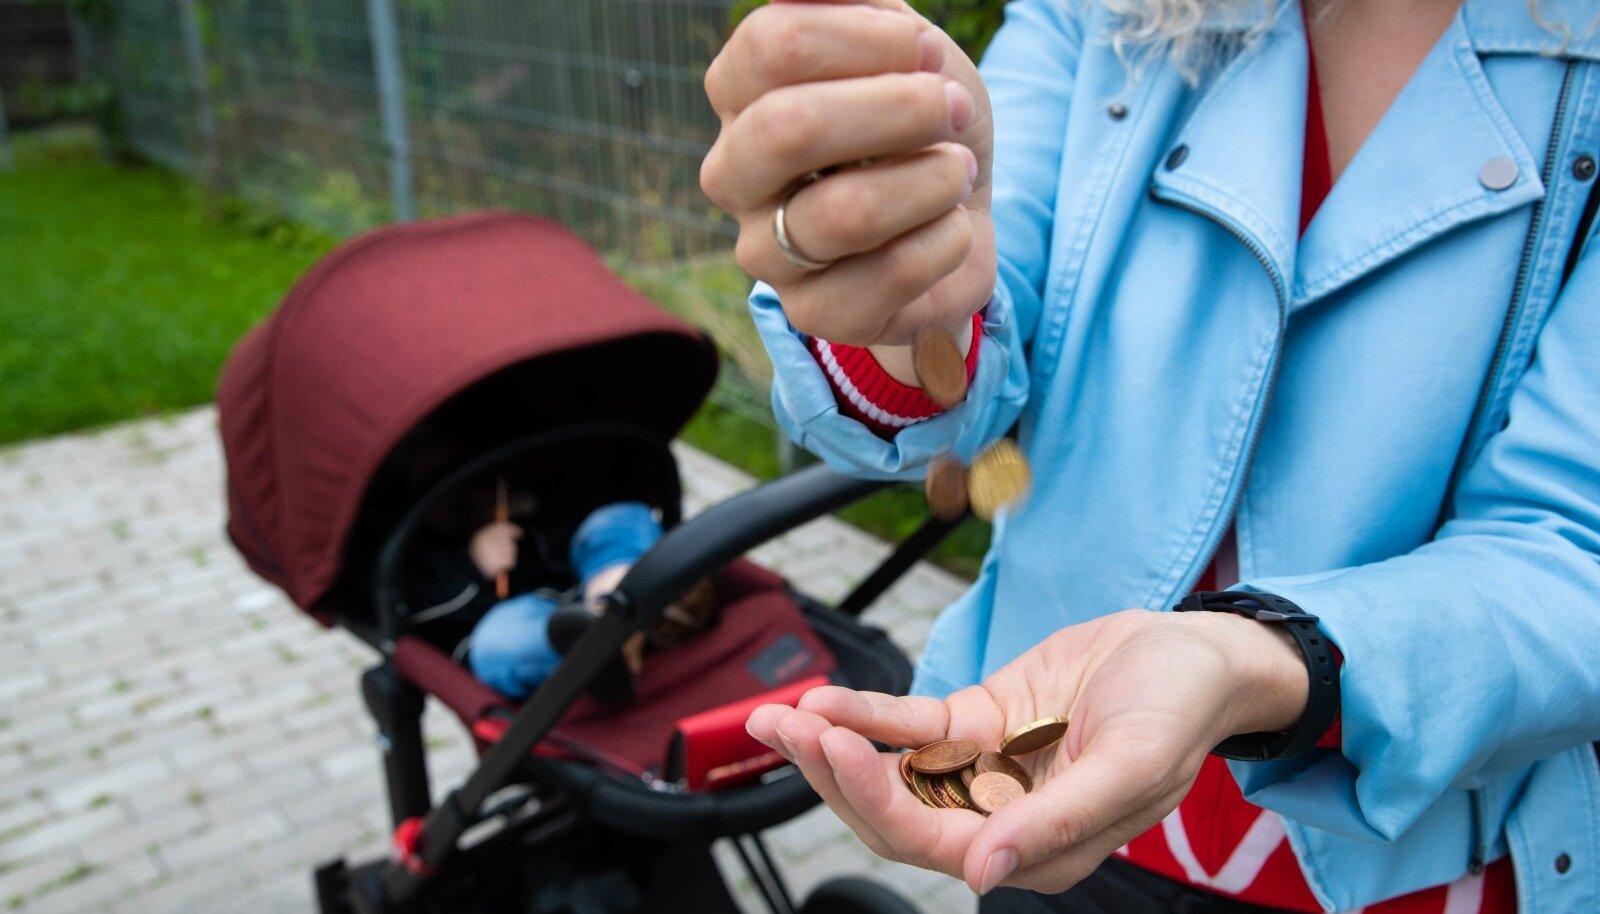 Praegu on kehtiv miinimumelatis ühele lapsele 292 eurot kuus. Kui seadus jõustub, on see uuest aastast vaid 193 eurot kuus.